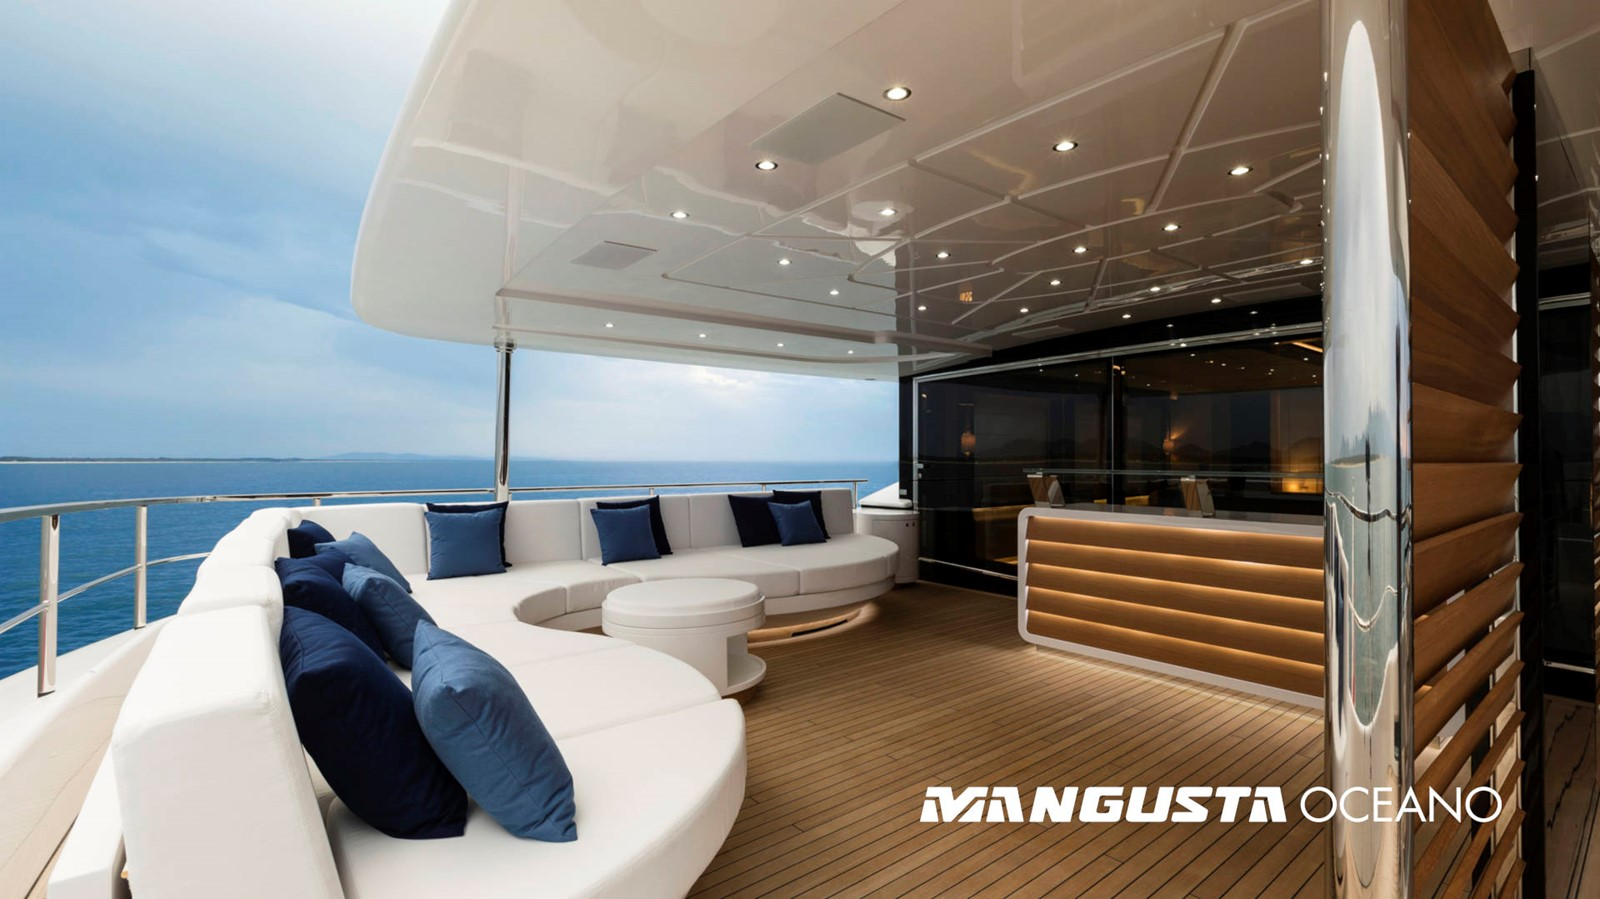 2021 OVERMARINE GROUP Mangusta Oceano 46  2570640